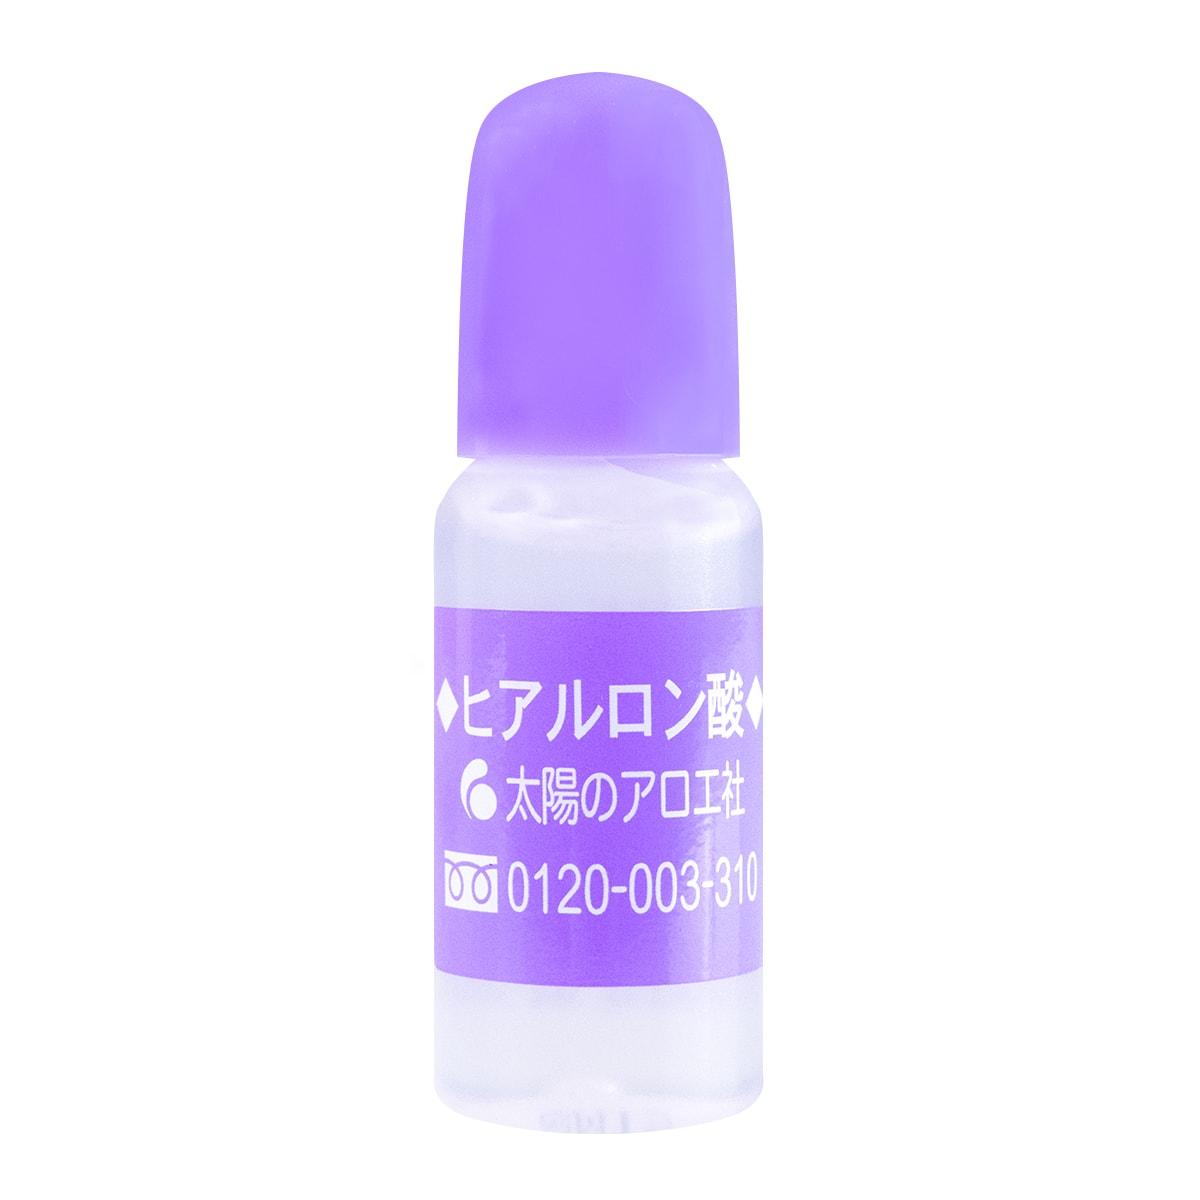 日本太阳社 玻尿酸透明质酸保湿补水原液 10ml